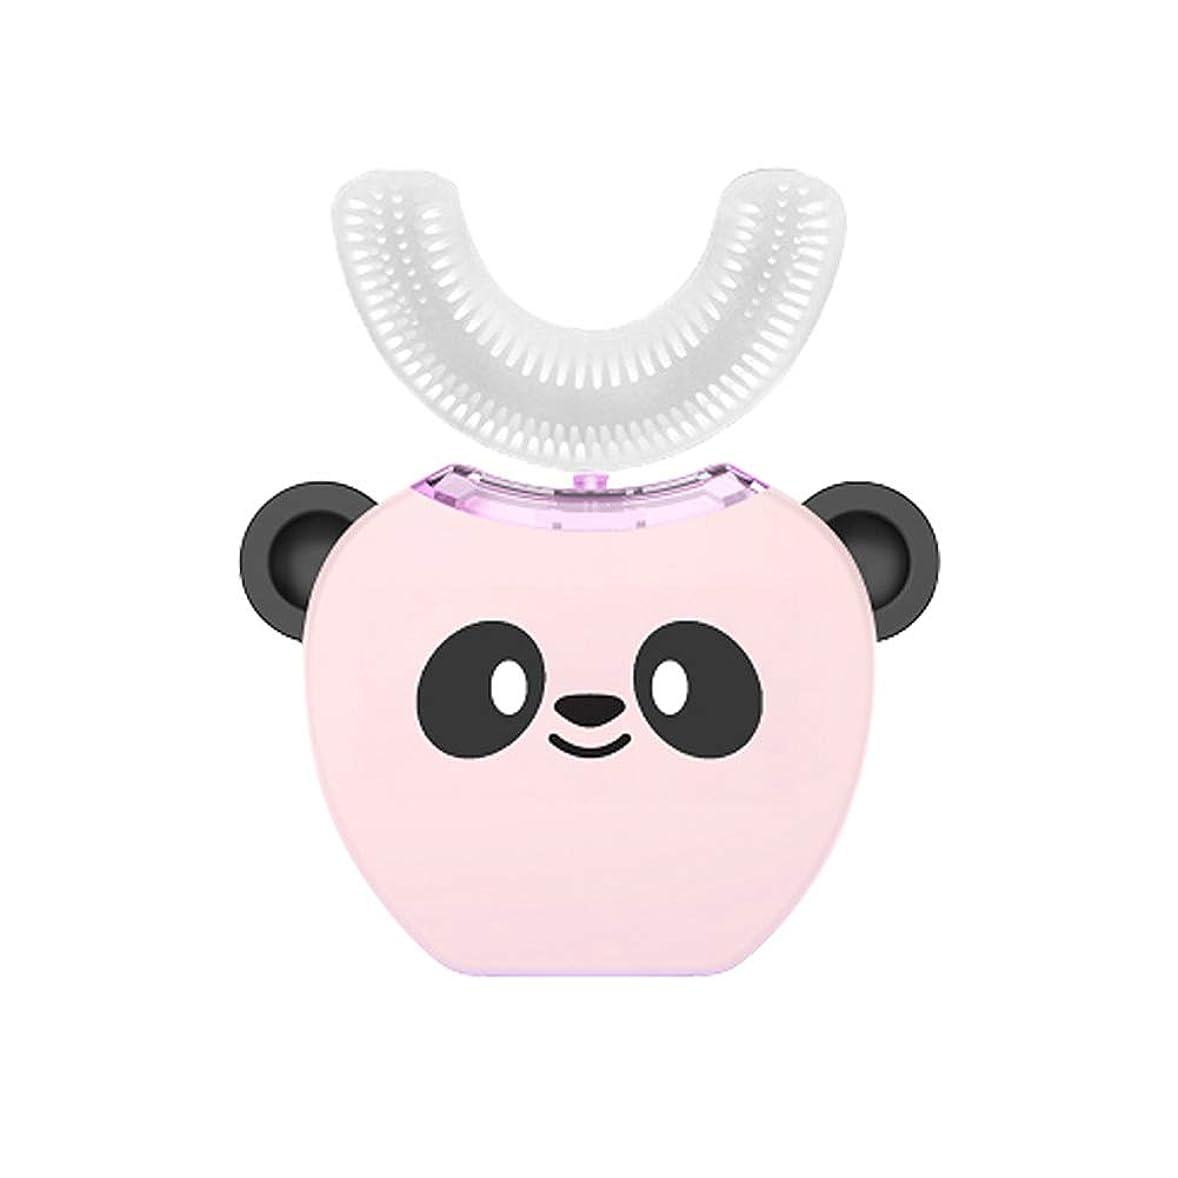 打倒ドアミラープログレッシブ子供の歯ブラシ、360度ディープクリーニングスマート電動歯ブラシ、U字型歯ブラシの頭、超音波ブラッシング、防水IPX 7